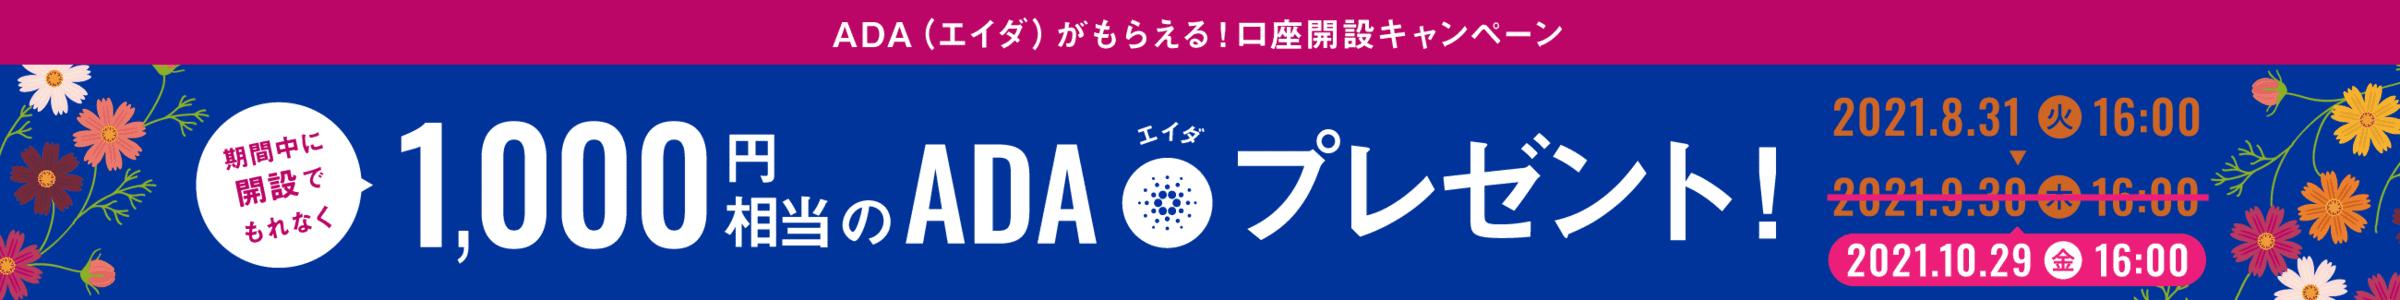 【新規口座開設限定】BITPoint(ビットポイント)「ADA1000円分」プレゼントキャンペーン